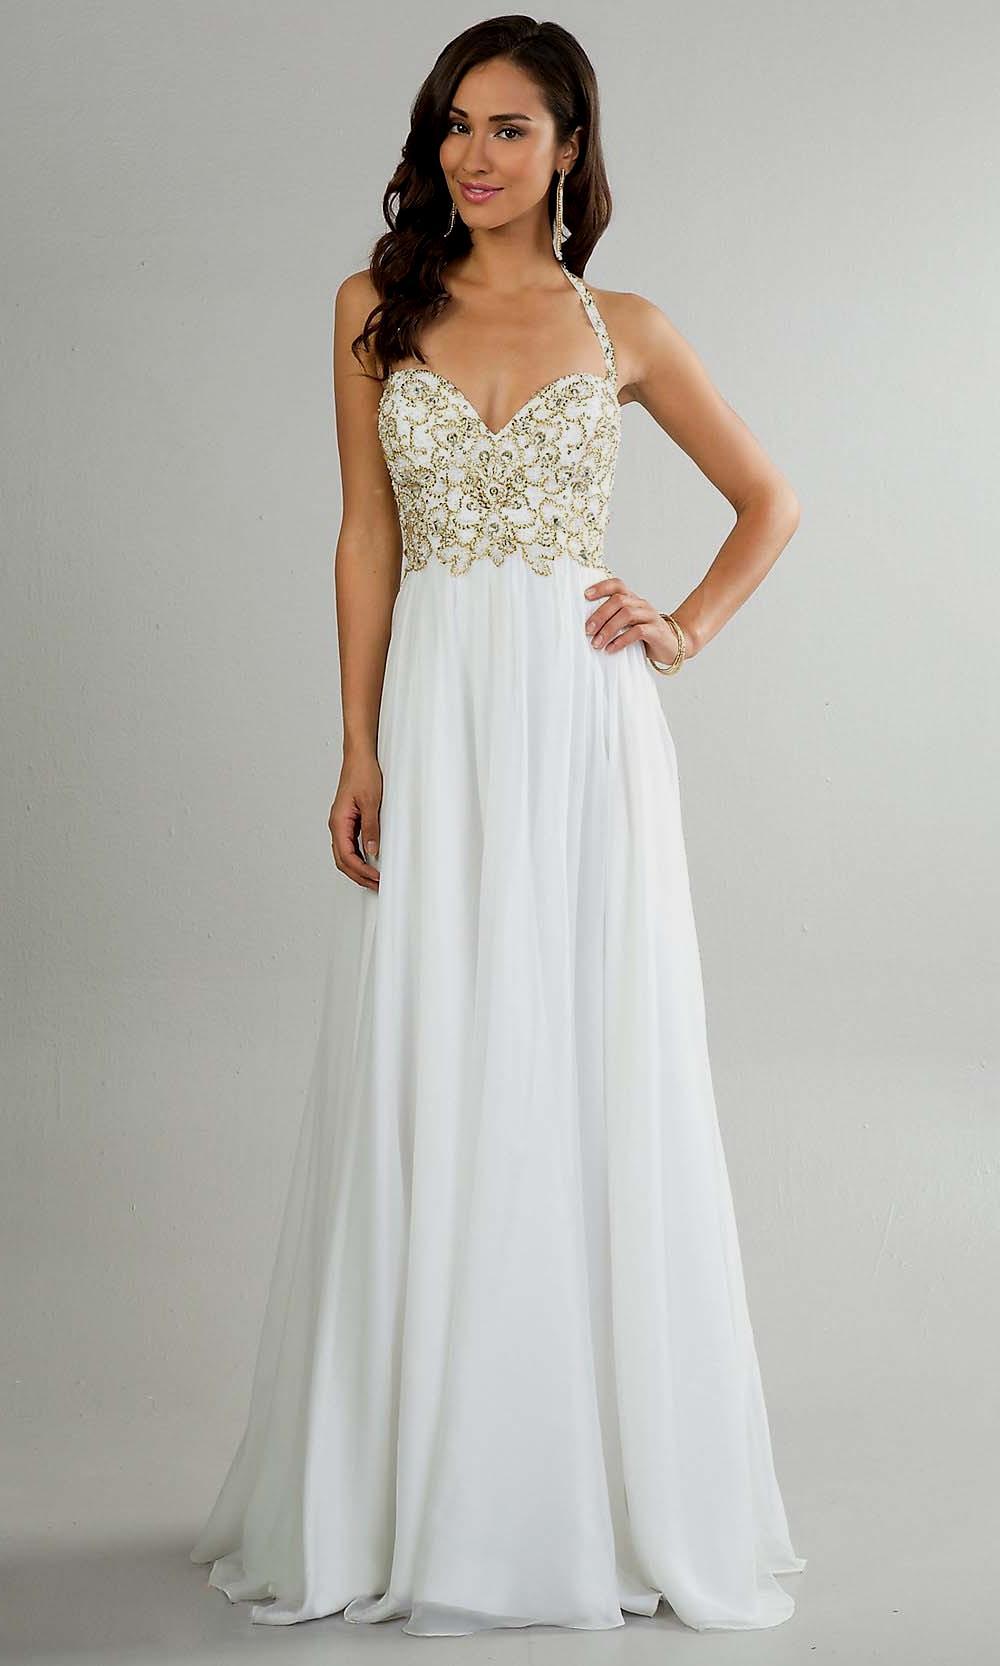 white elegant prom dresses photo - 1